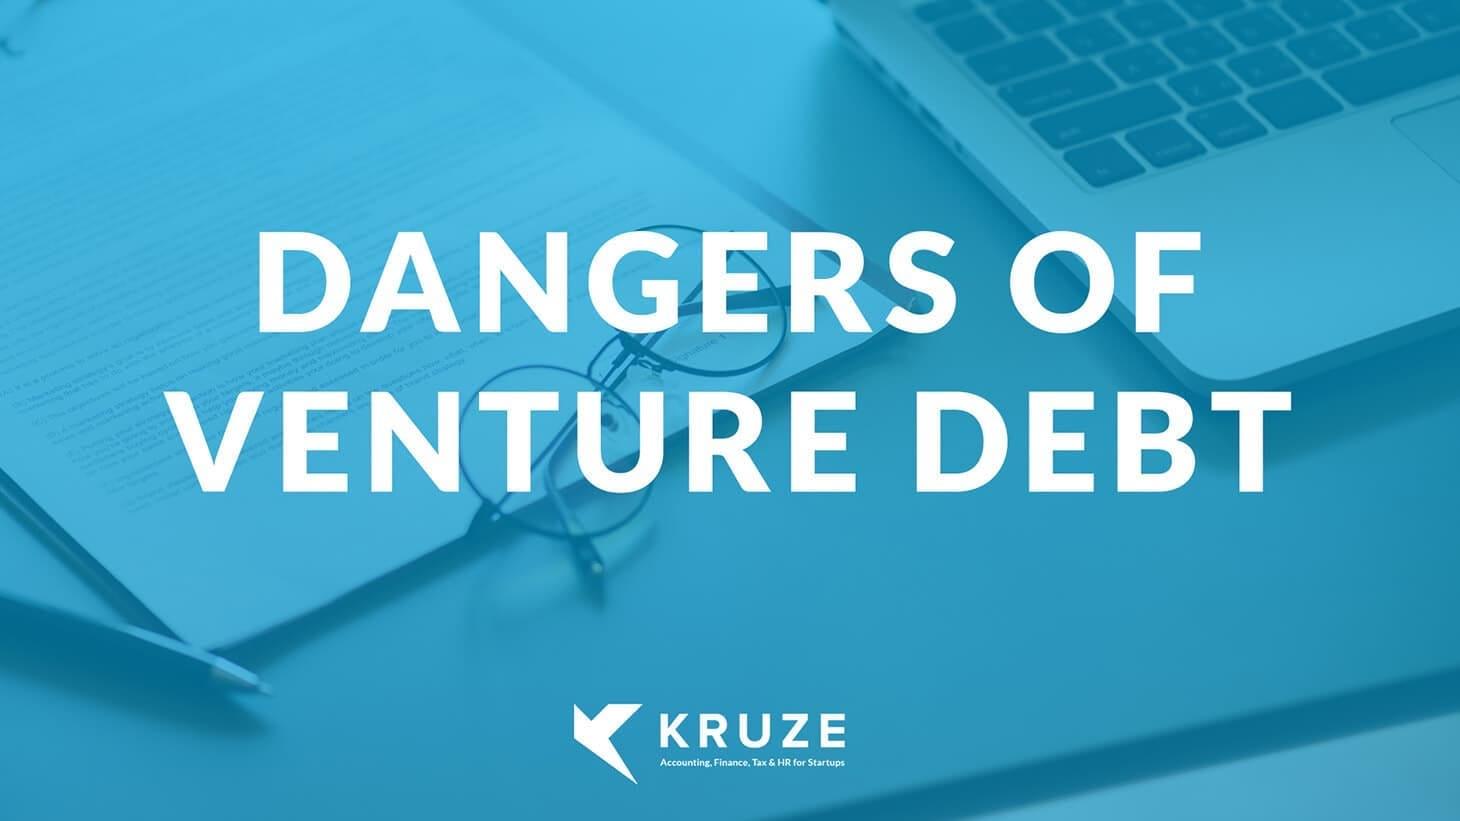 Dangers of Venture Debt